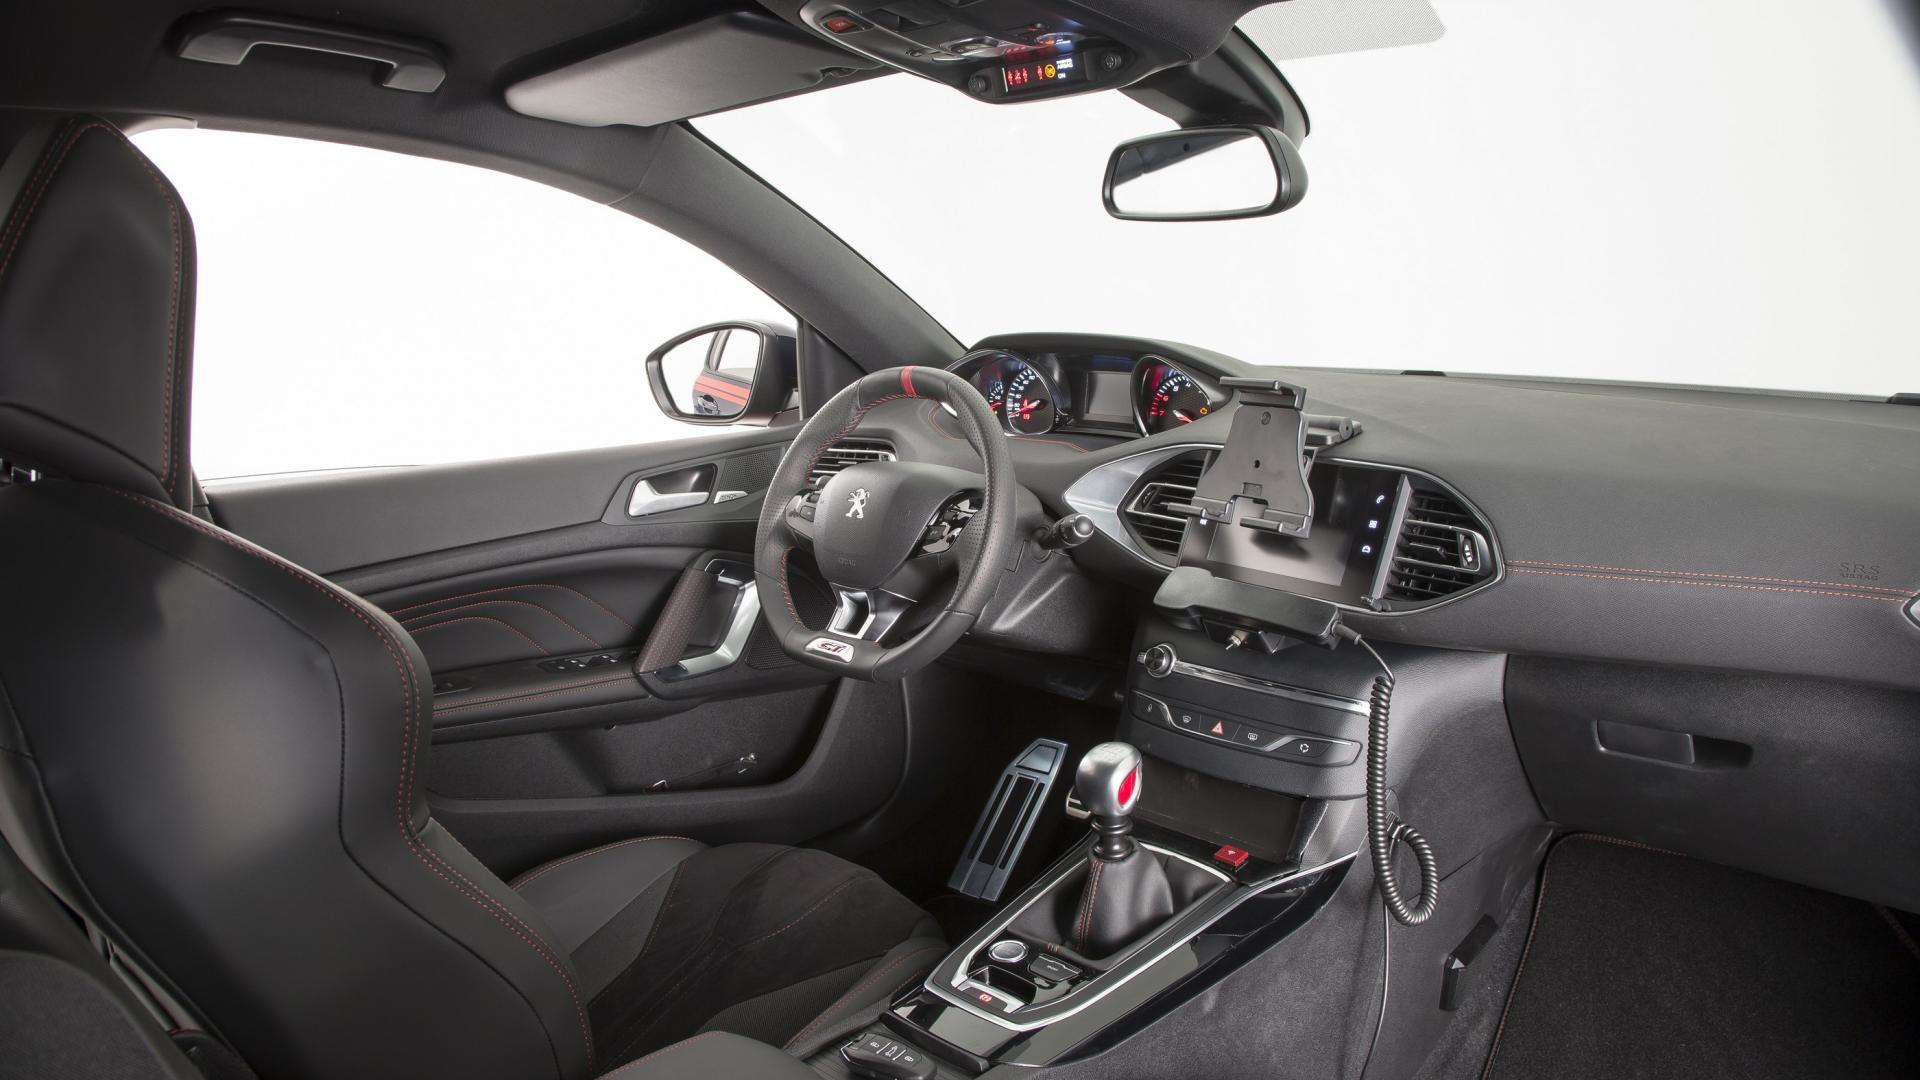 Peugeot 308 GTi Carabinieri (5)